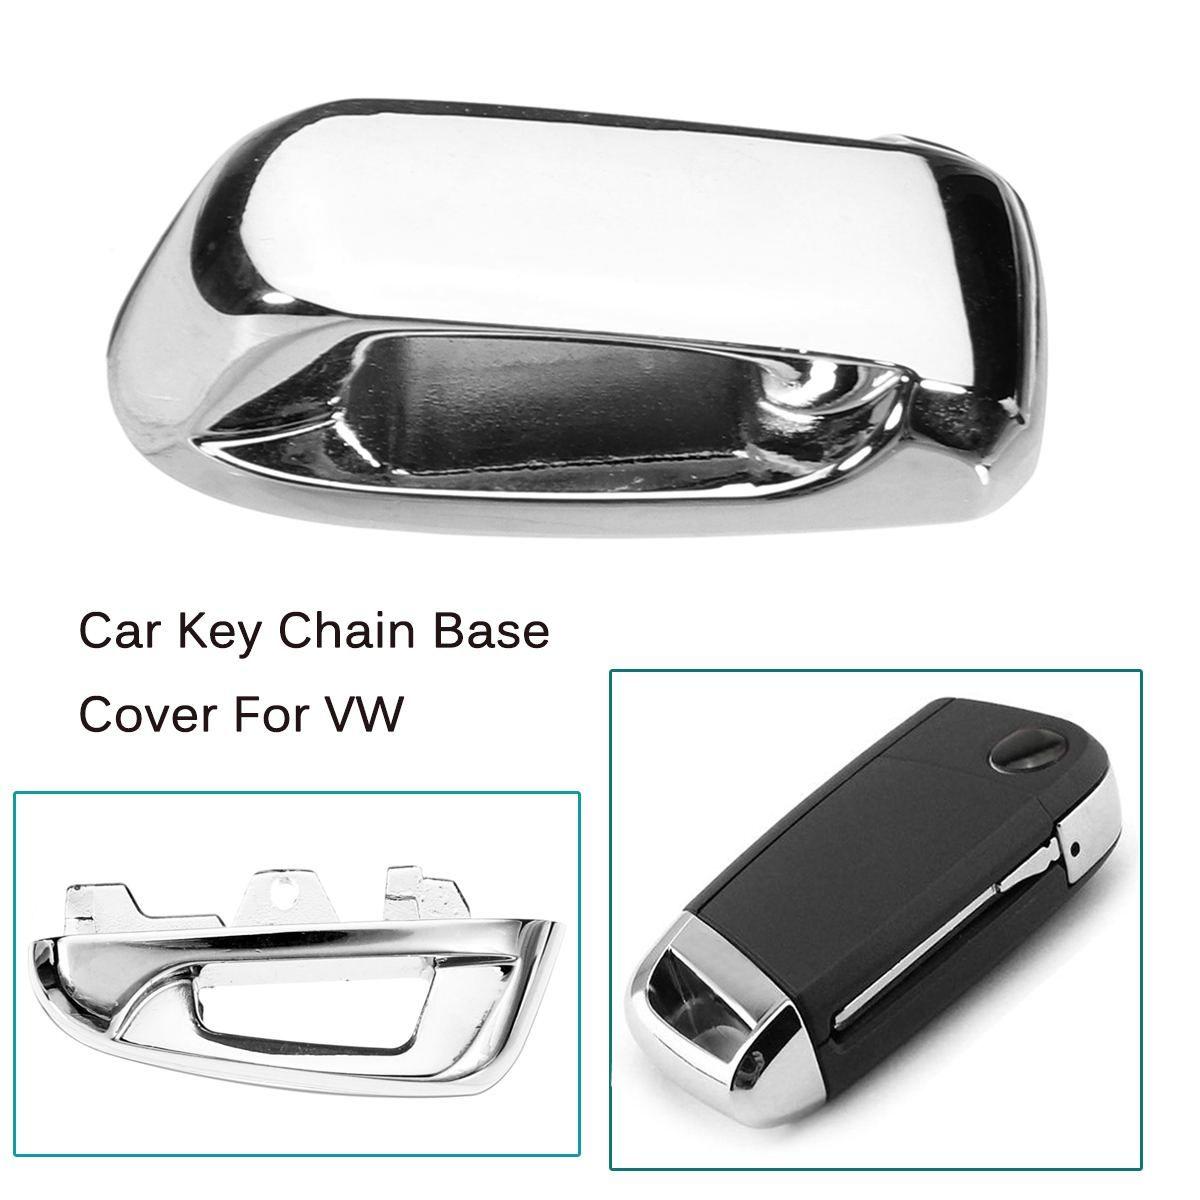 Fernbedienung Schlüssel Kette Metall Abdeckung Keyless Top Kopf Basis für Volkswagen für VW Golf 7 MK7 GTI Touran 2016 Octavia a7 2015 2016